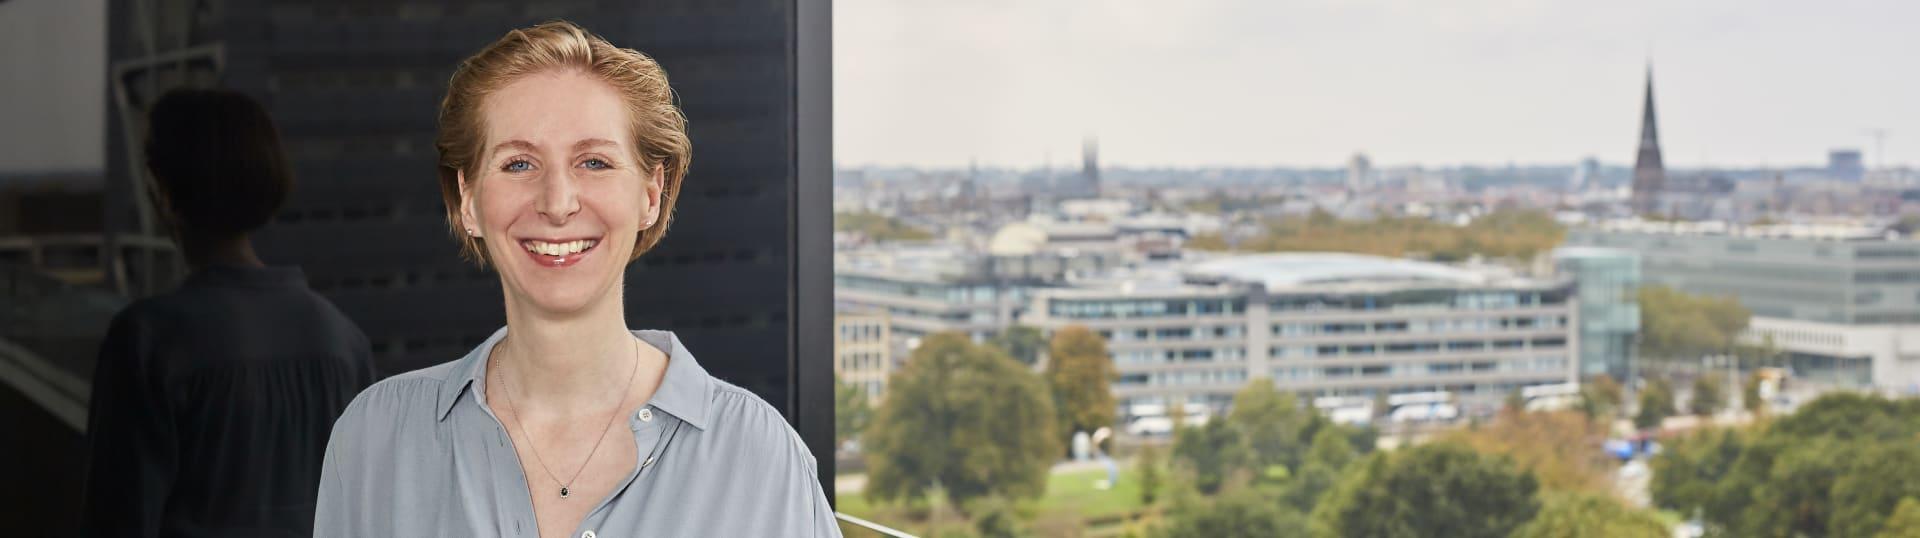 Karlijn Teuben, advocaat Pels Rijcken